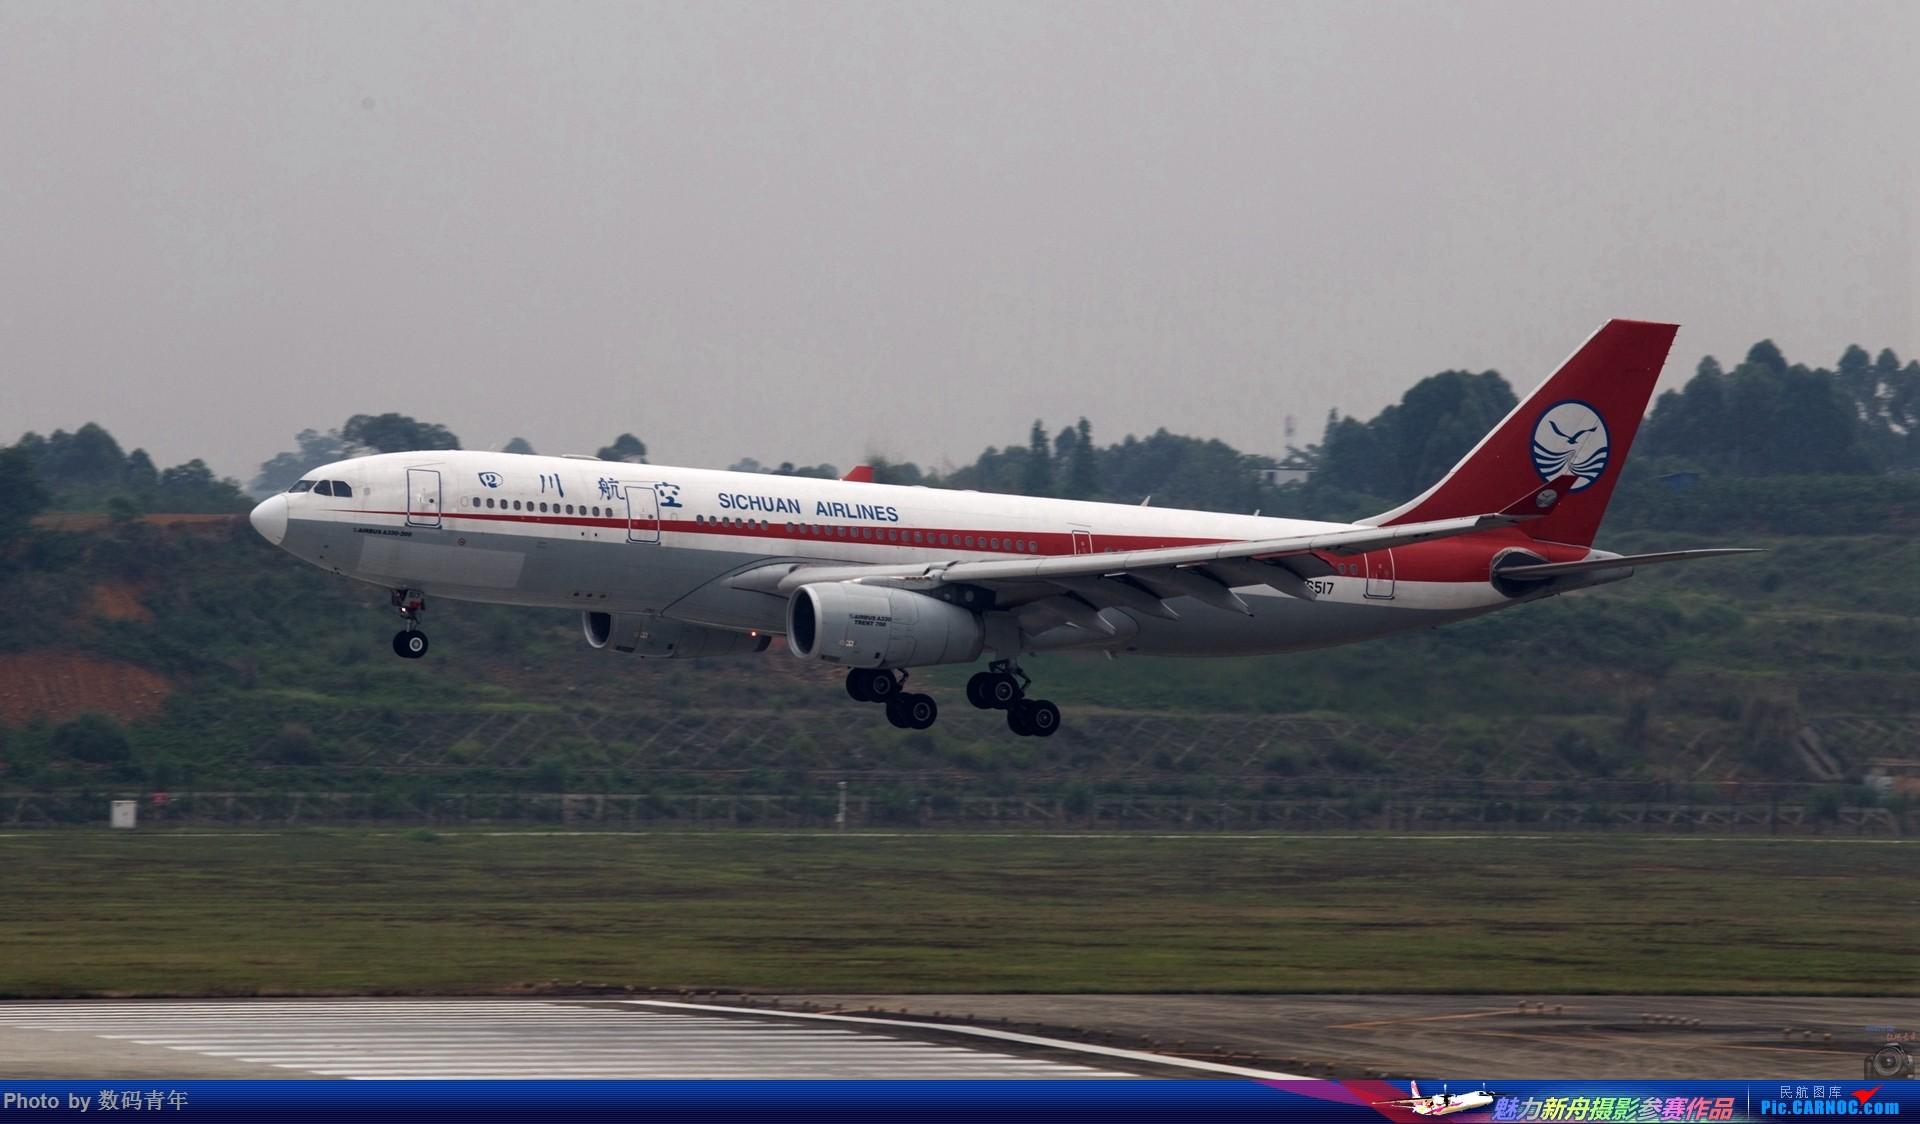 Re:[原创]重出江湖【CTU】2015.5.17打飞机 AIRBUS A330-200 B-6517 中国成都双流国际机场